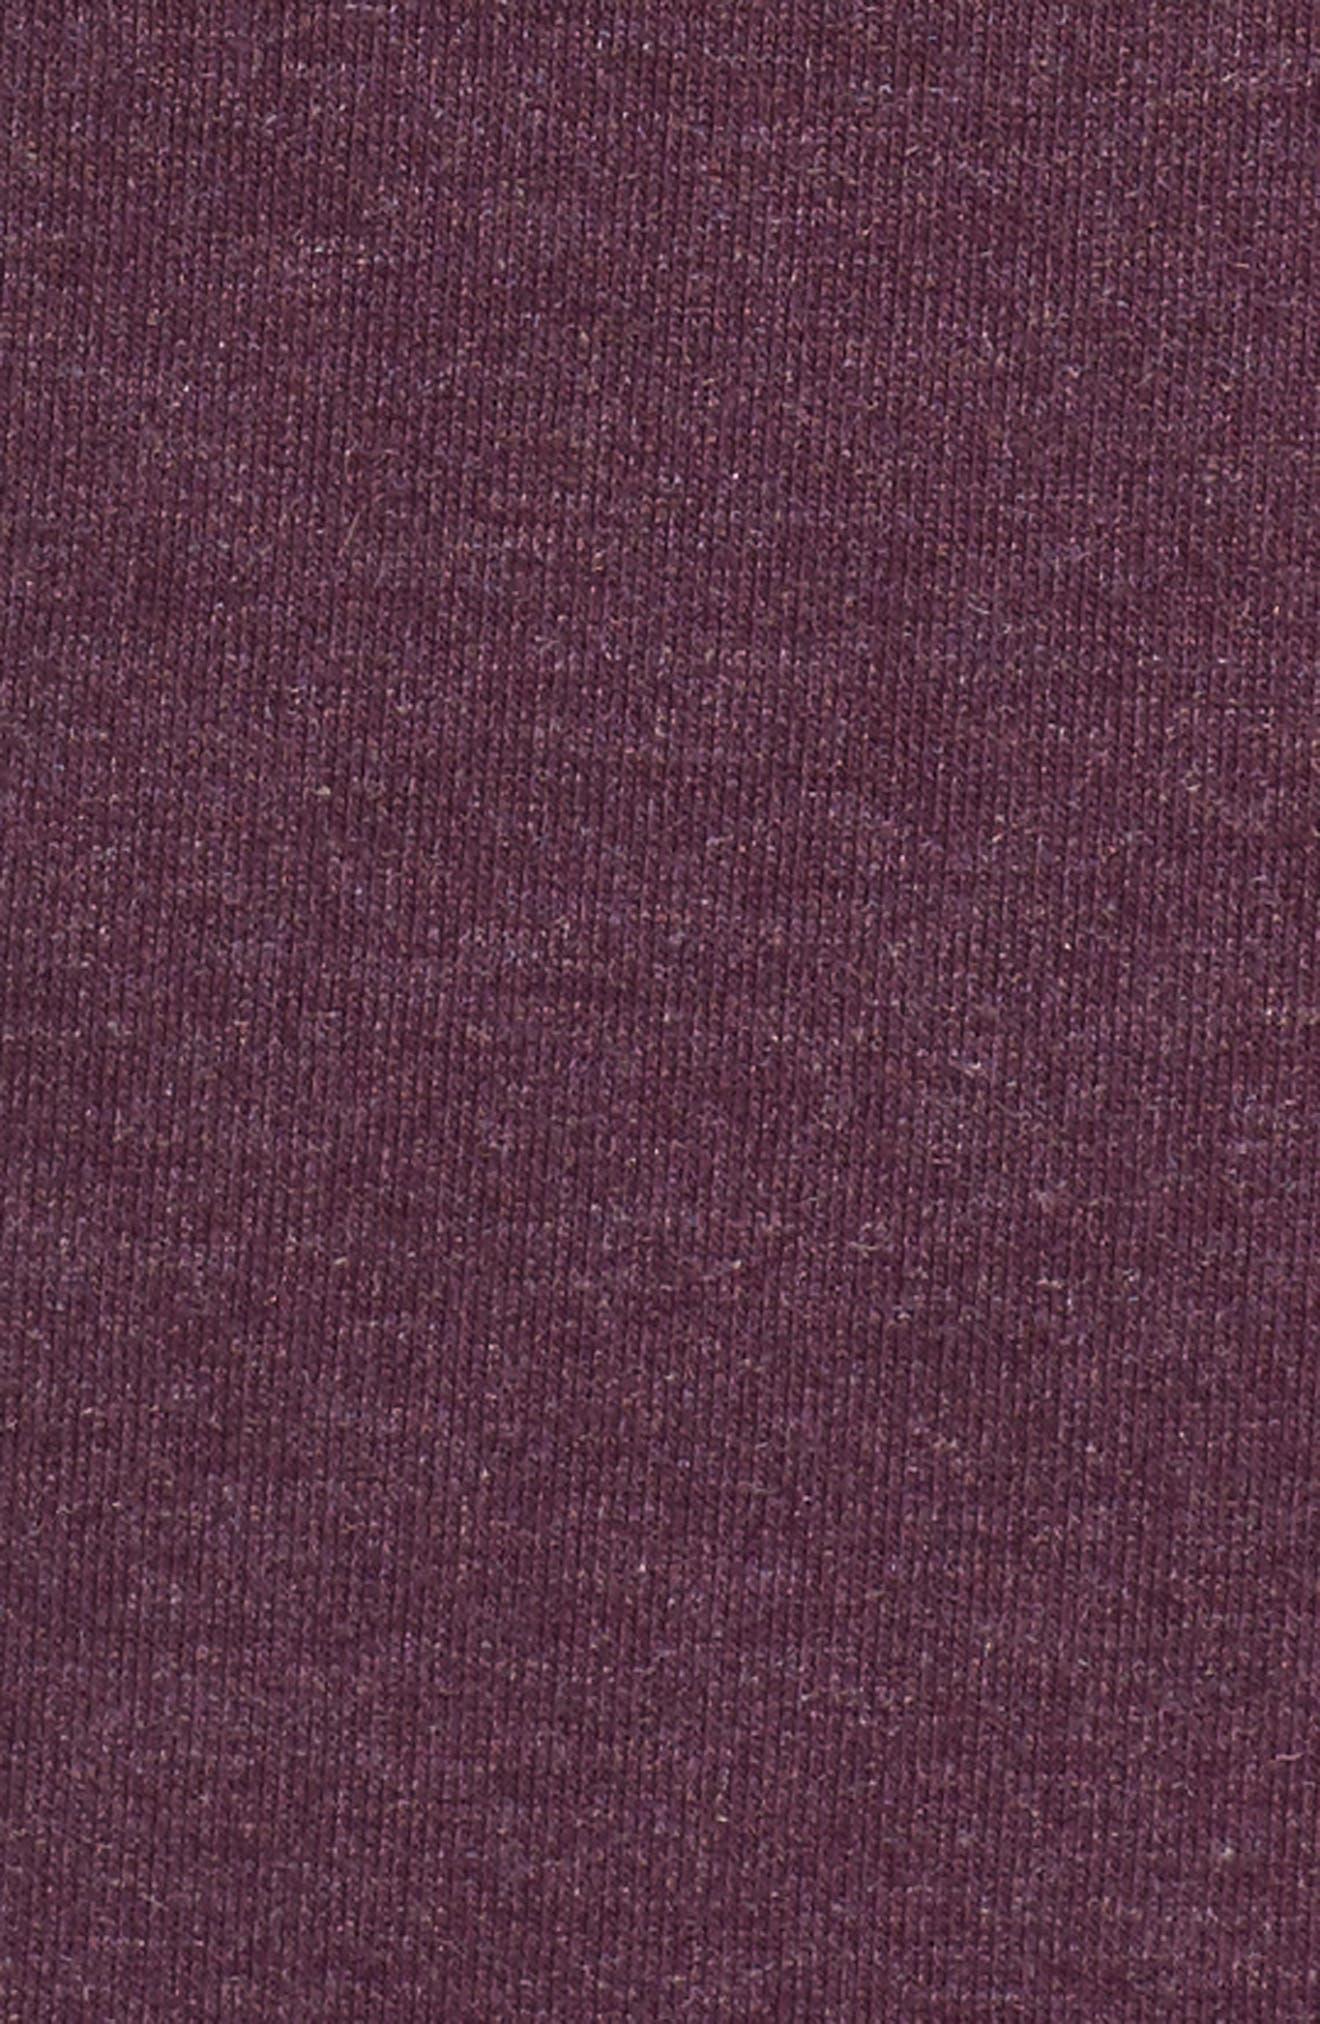 En Route Hoodie,                             Alternate thumbnail 8, color,                             Purple Potent